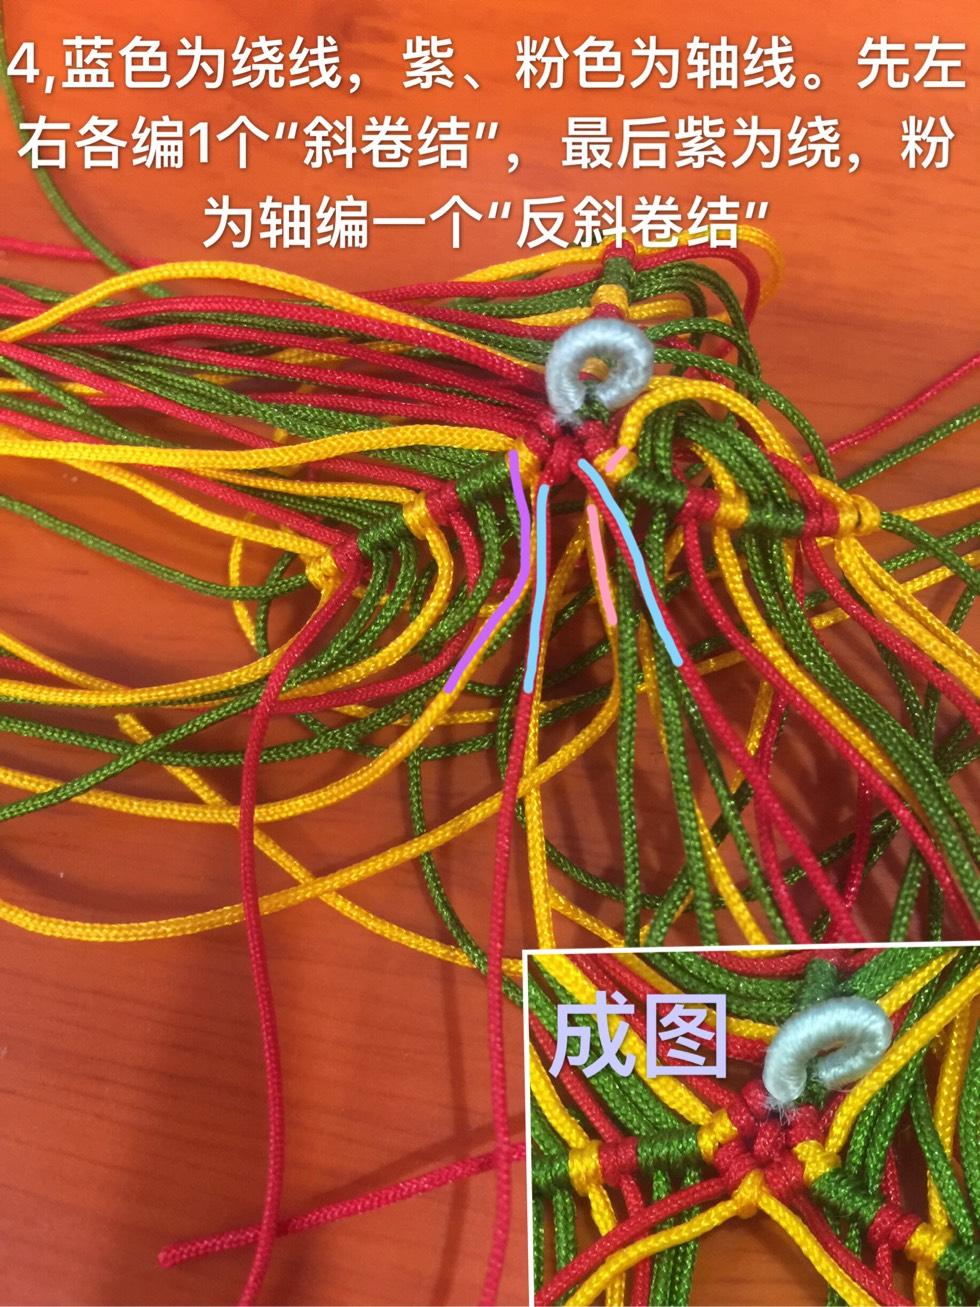 中国结论坛 粽子教程  图文教程区 195723aprtcbl6otq0q2zp